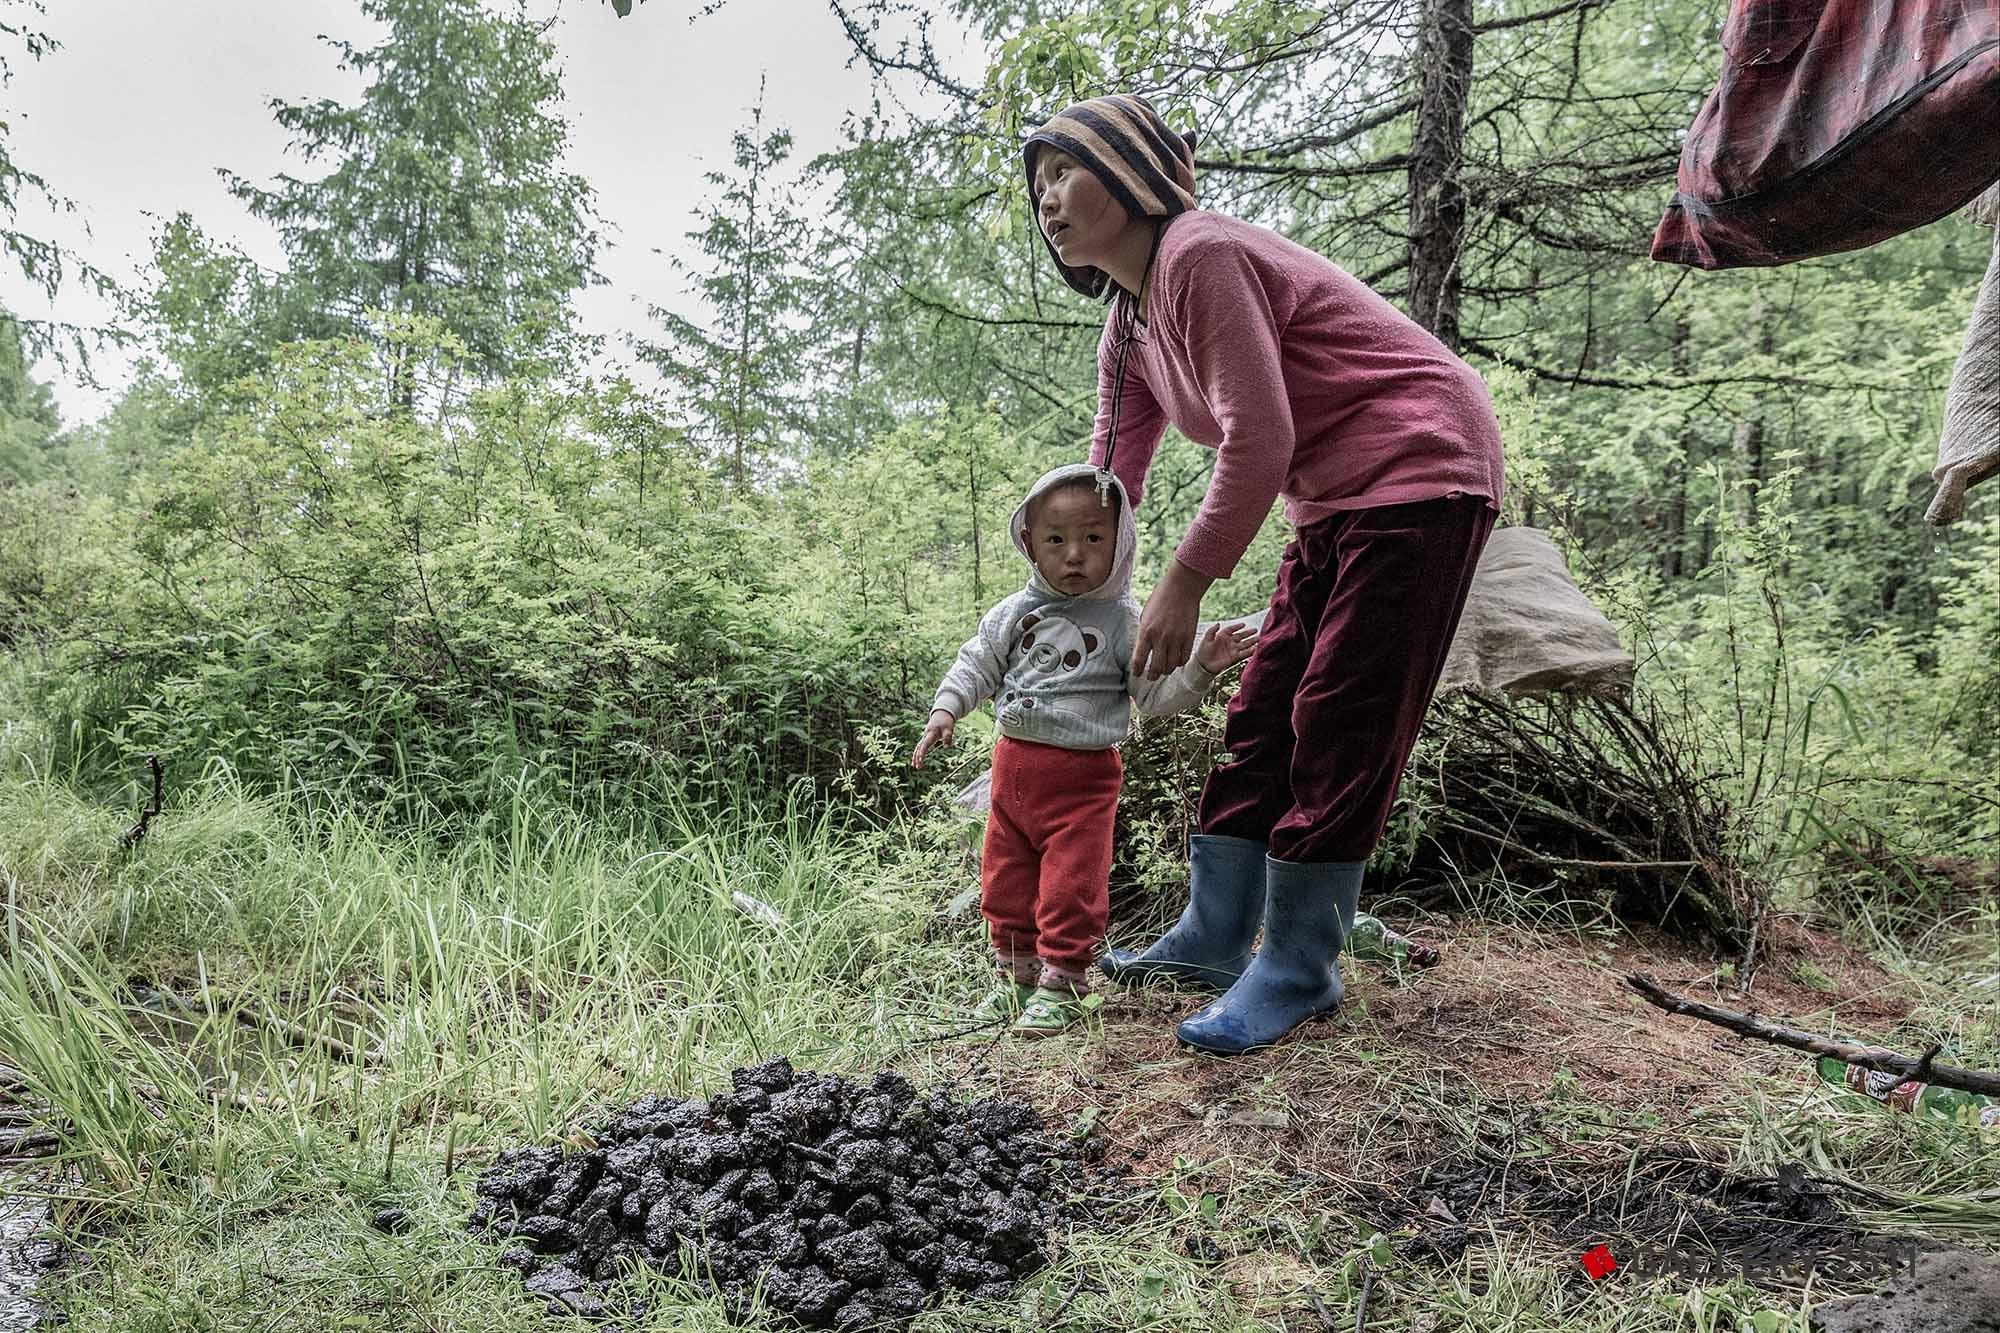 10.Women taking care of children 2016/06